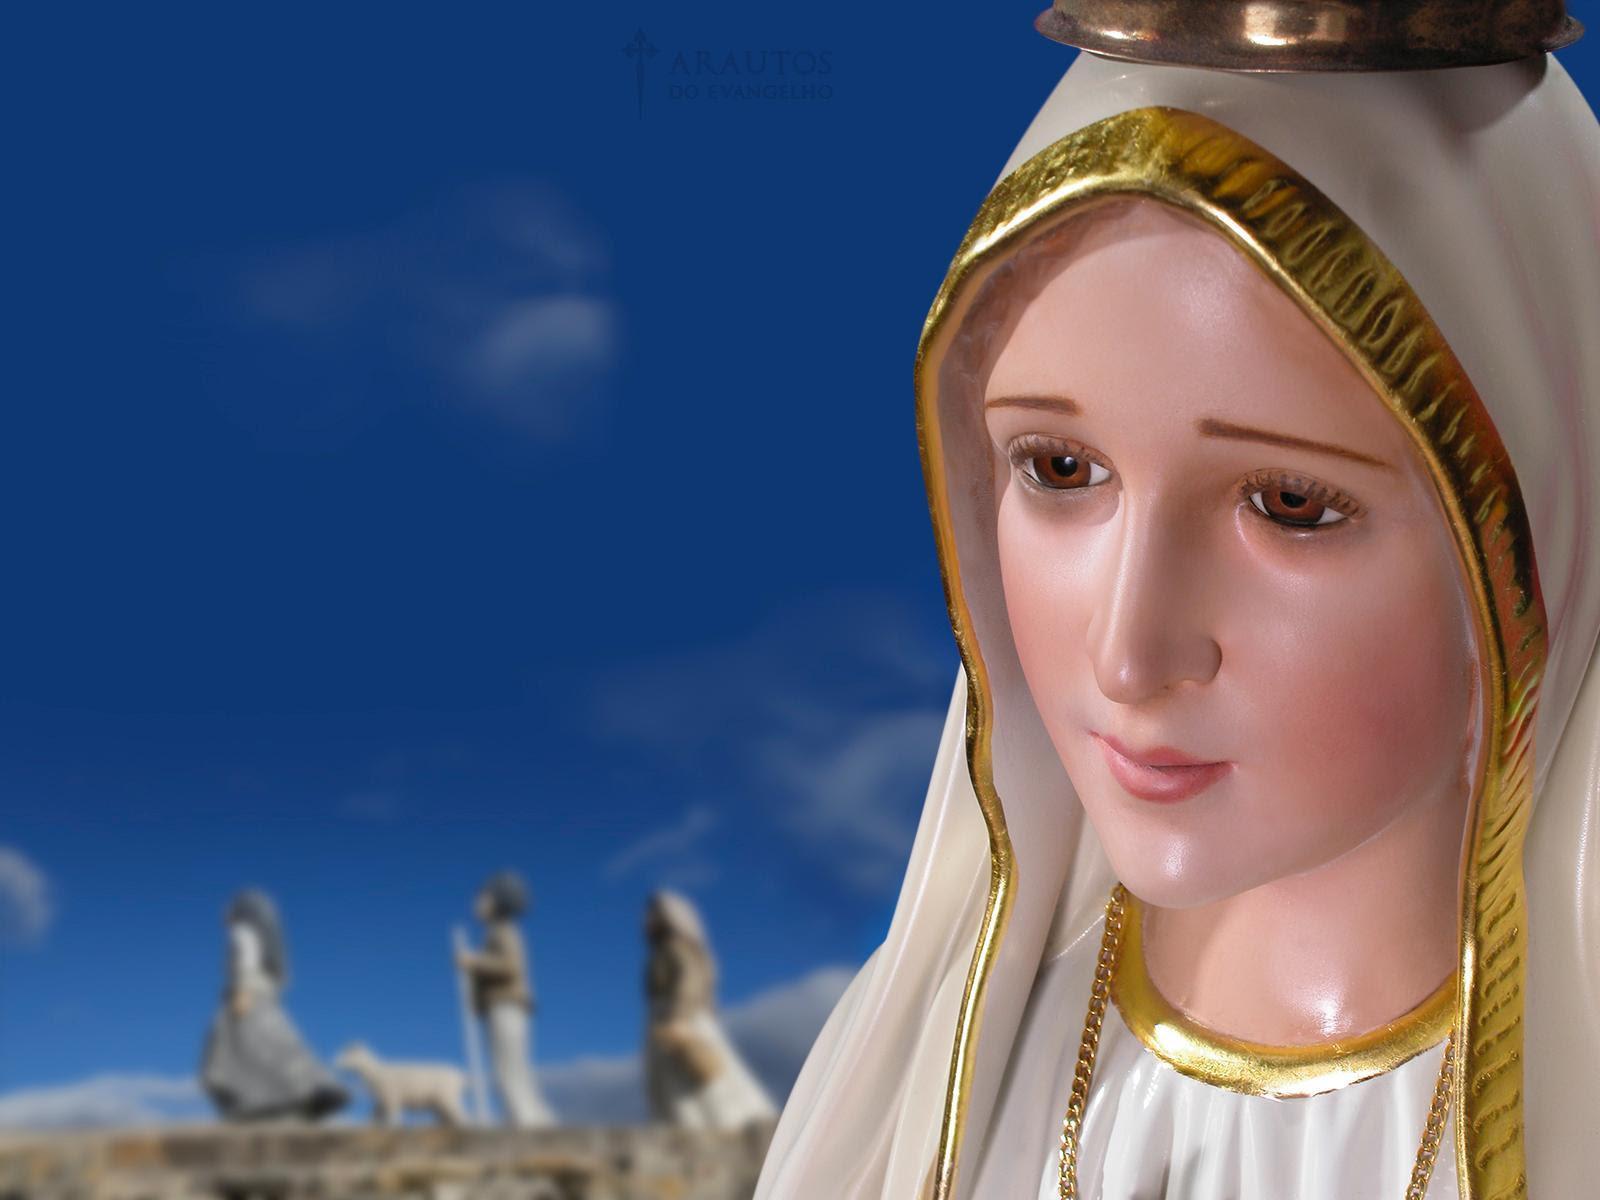 O Que Disse Nossa Senhora Em Fatima Na Terceira Aparicao